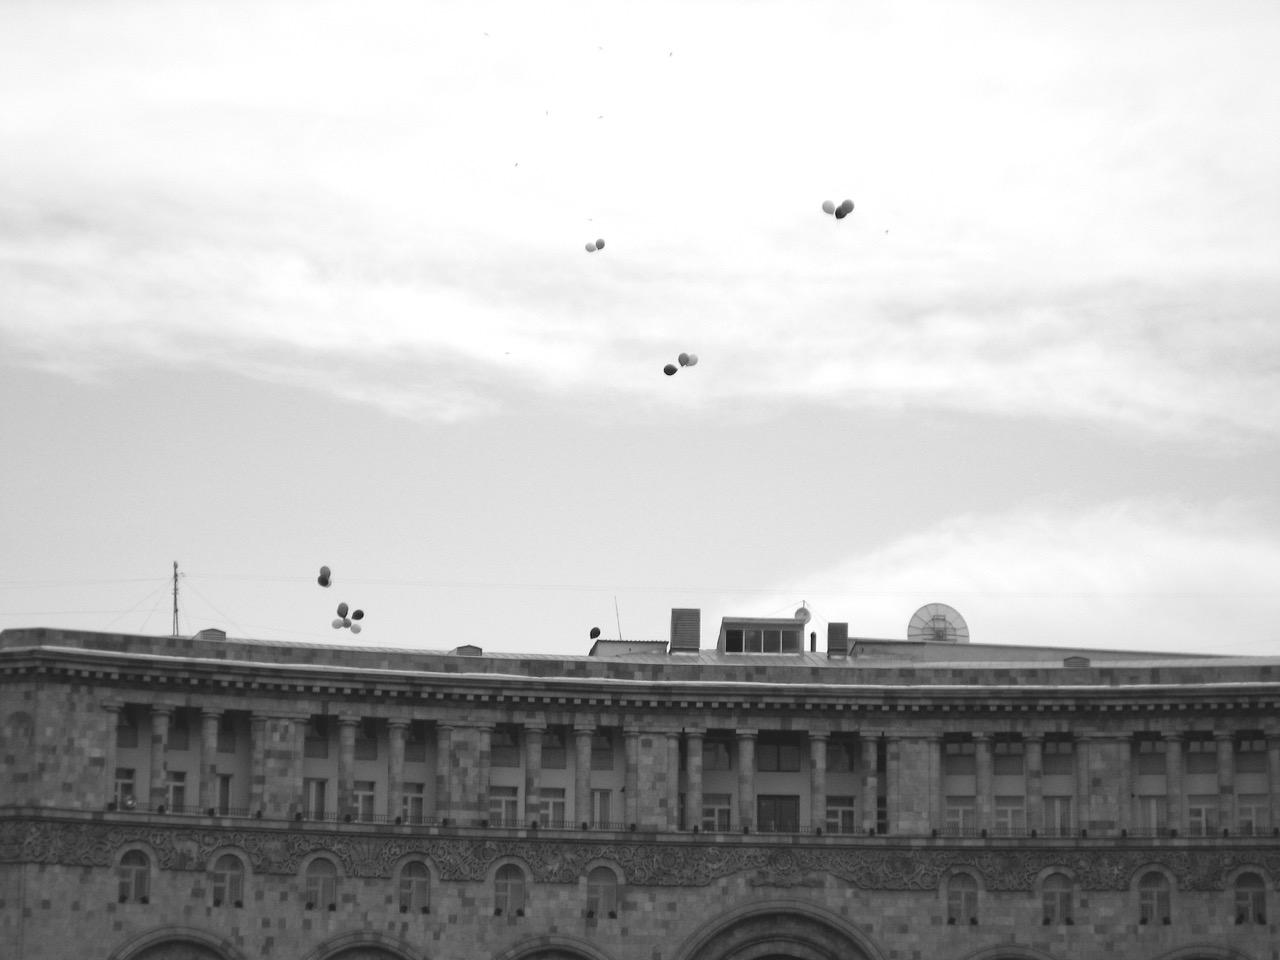 Foto: Luftballons. Aus: Eriwan. Kapitel 4. Aufzeichnungen aus Armenien von Marc Degens.